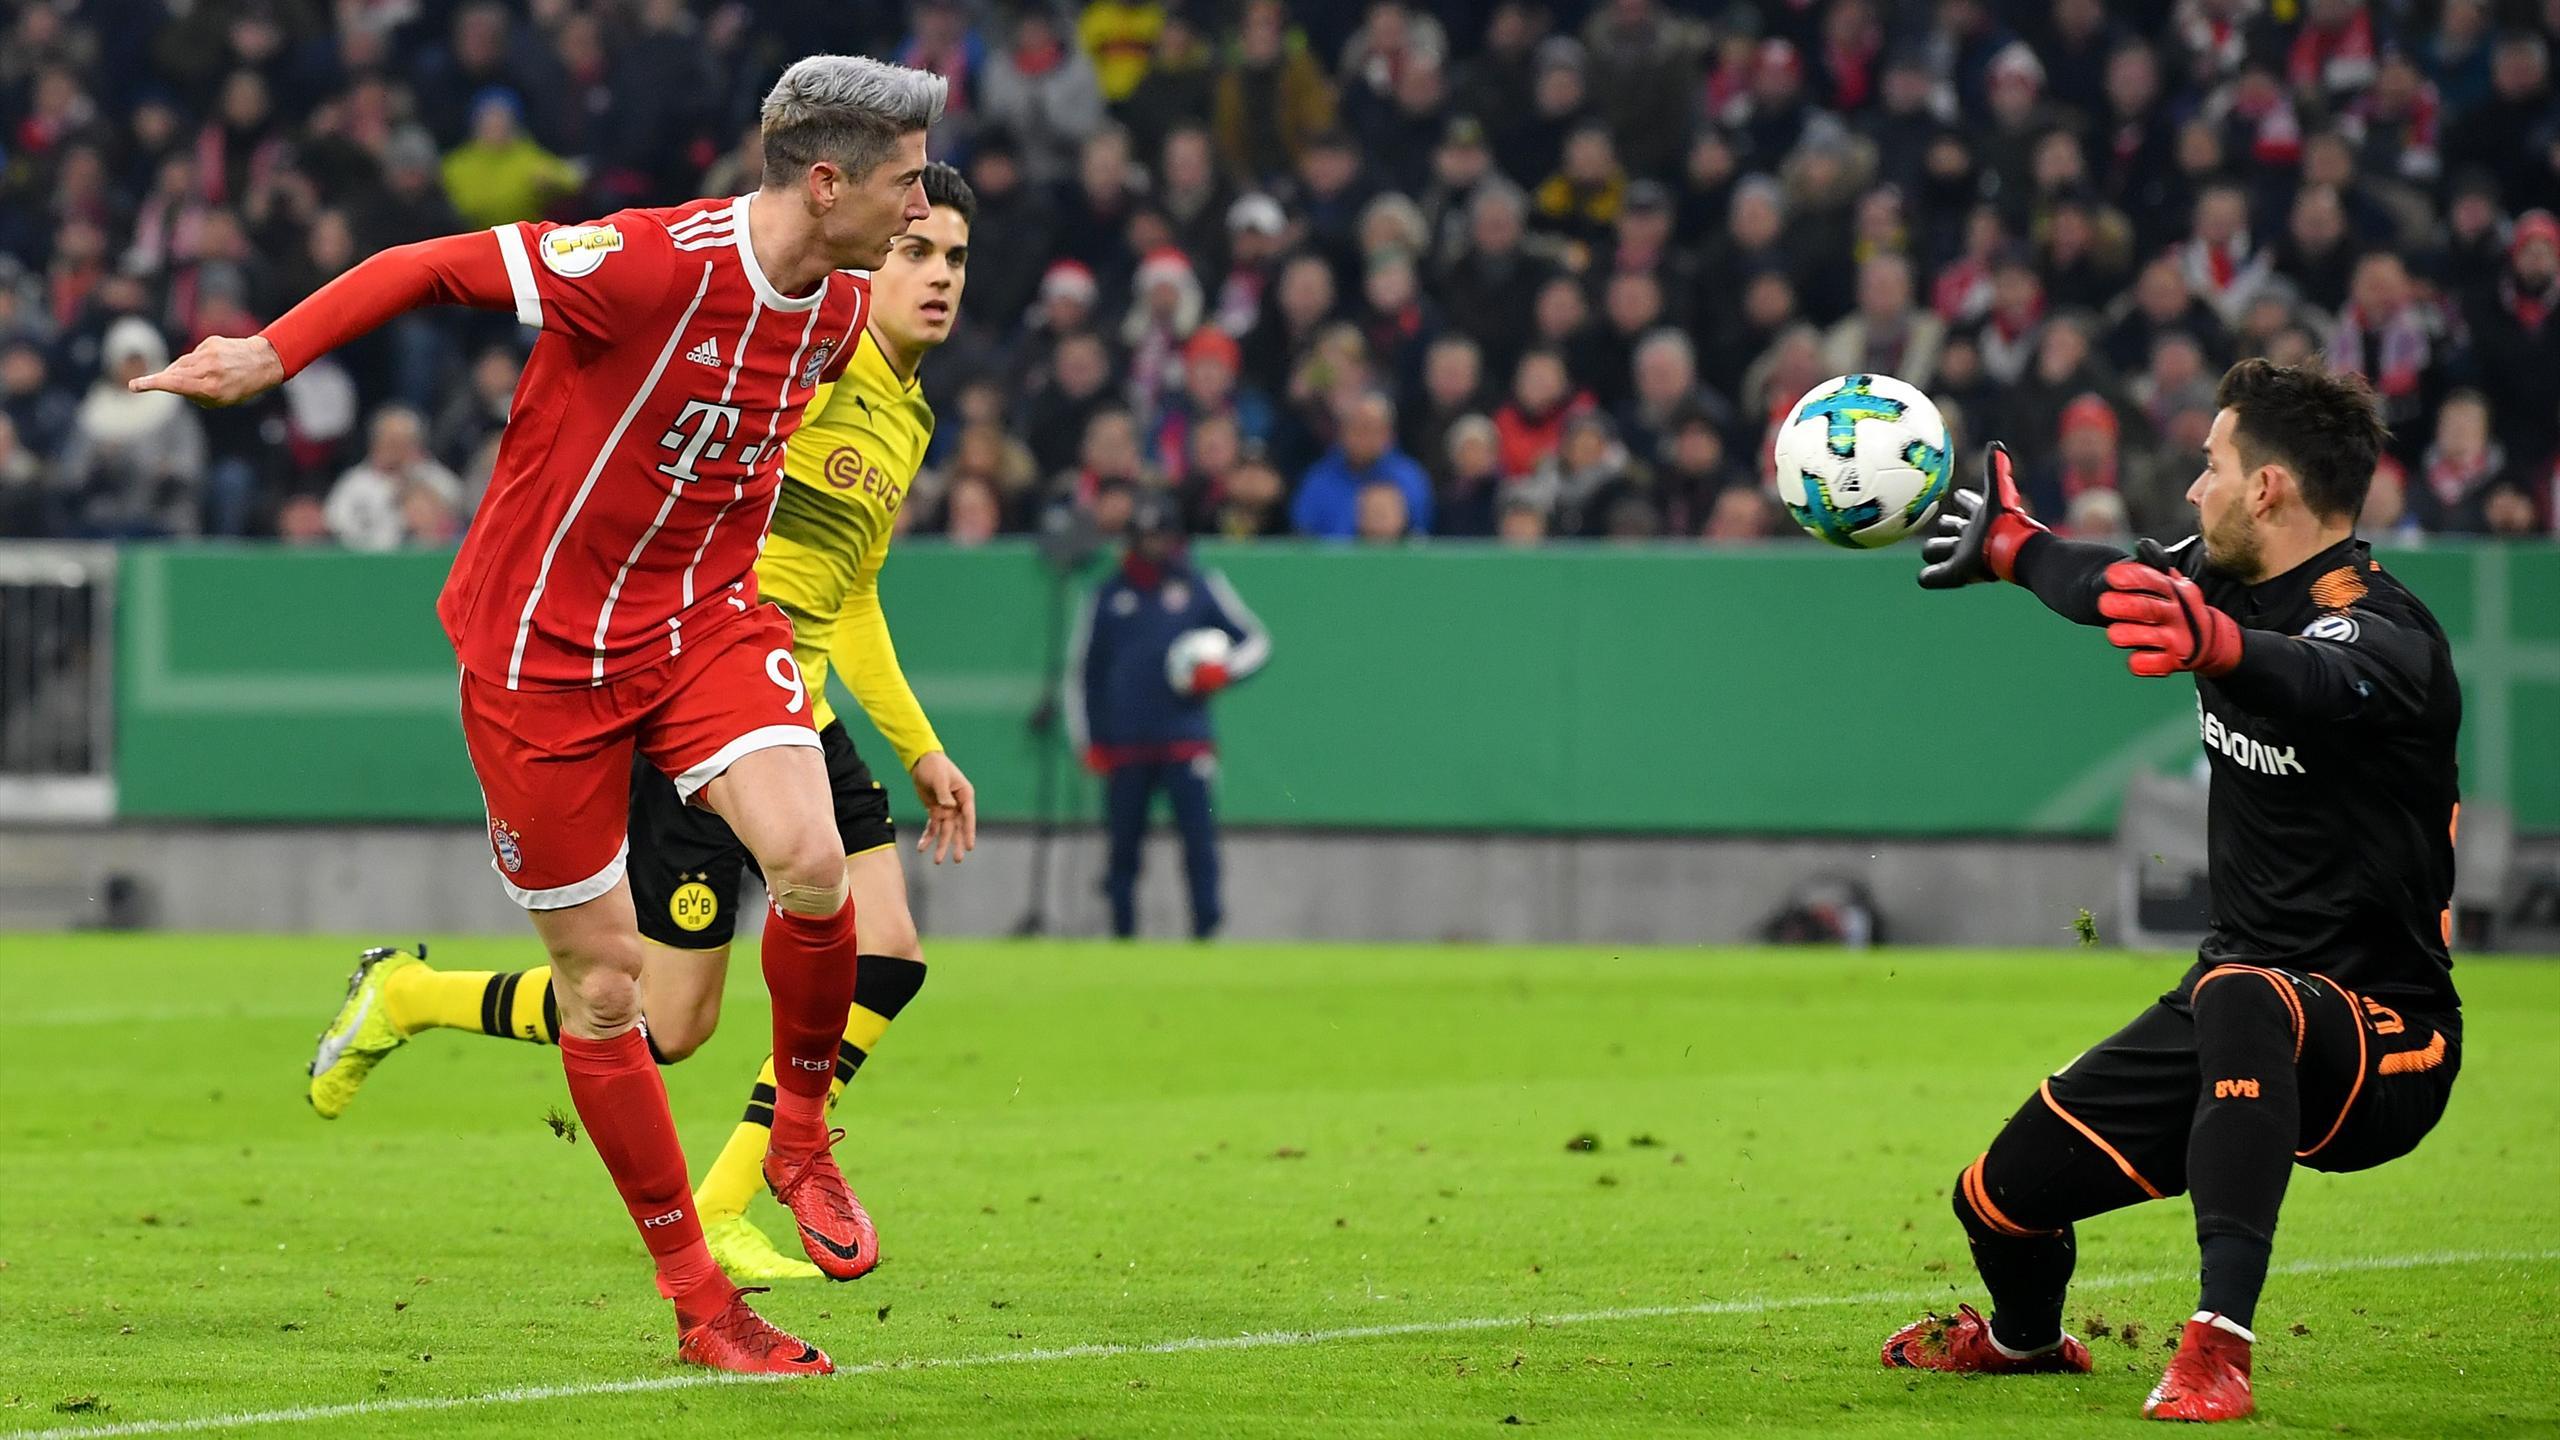 Футбол германия расписание игр бавария мюнхен